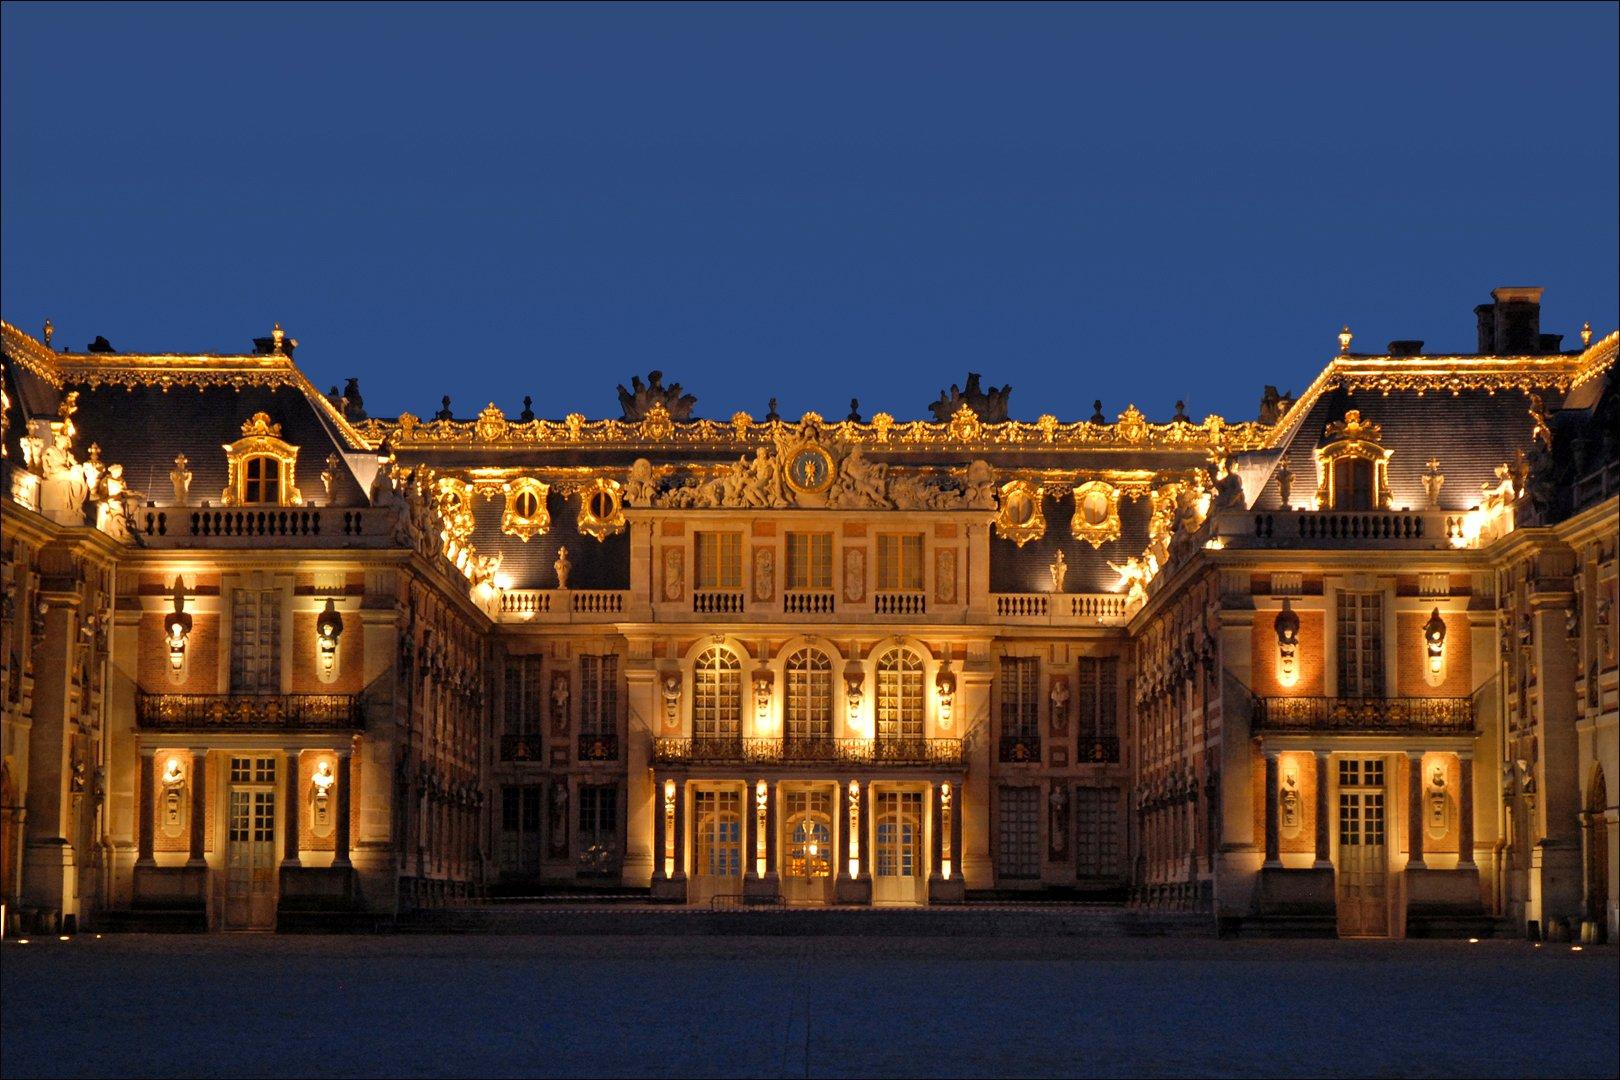 أين يوجد قصر فرساي